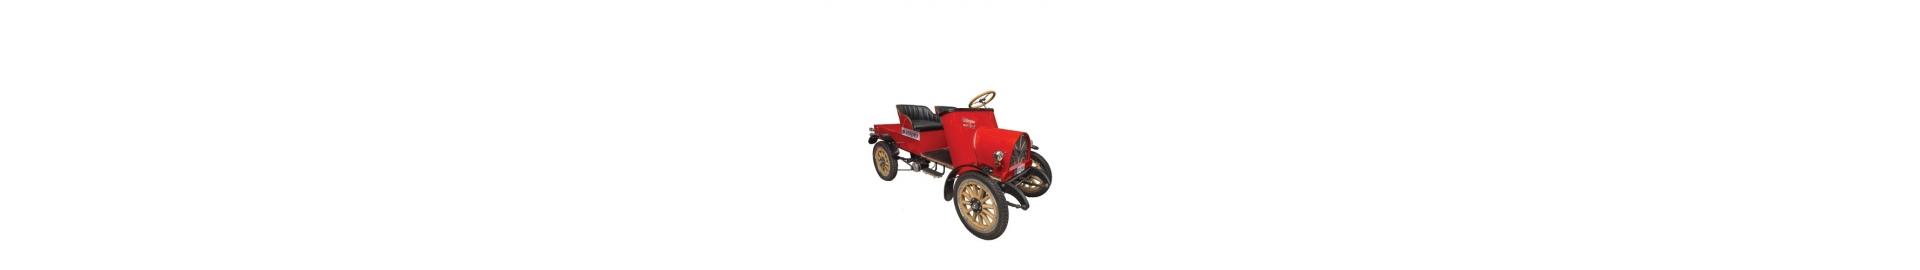 Dwuosobowy pojazd elektryczny – elektrynka produkty Volpex